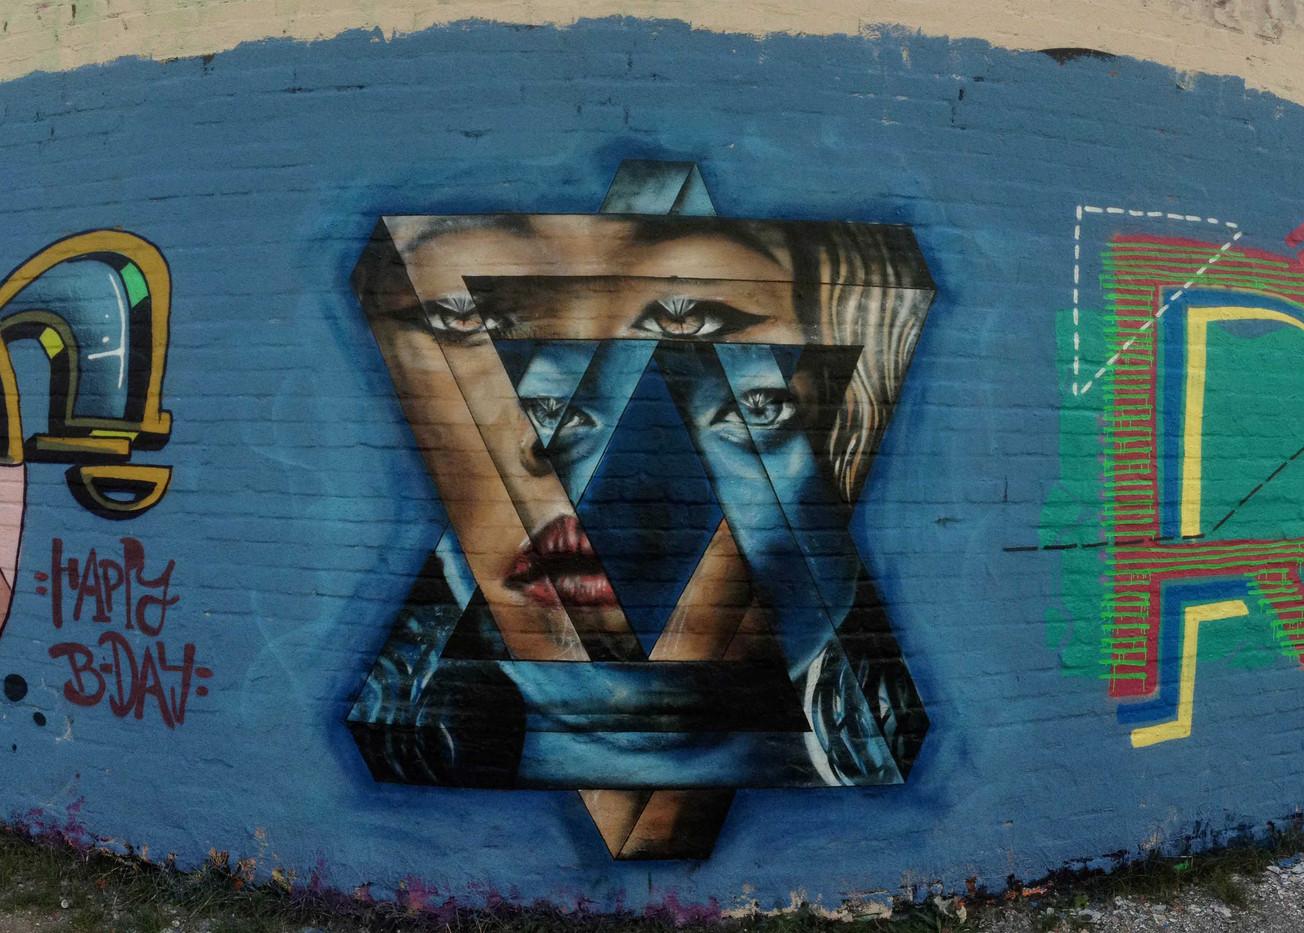 Mural by Sam King Mural Artist London